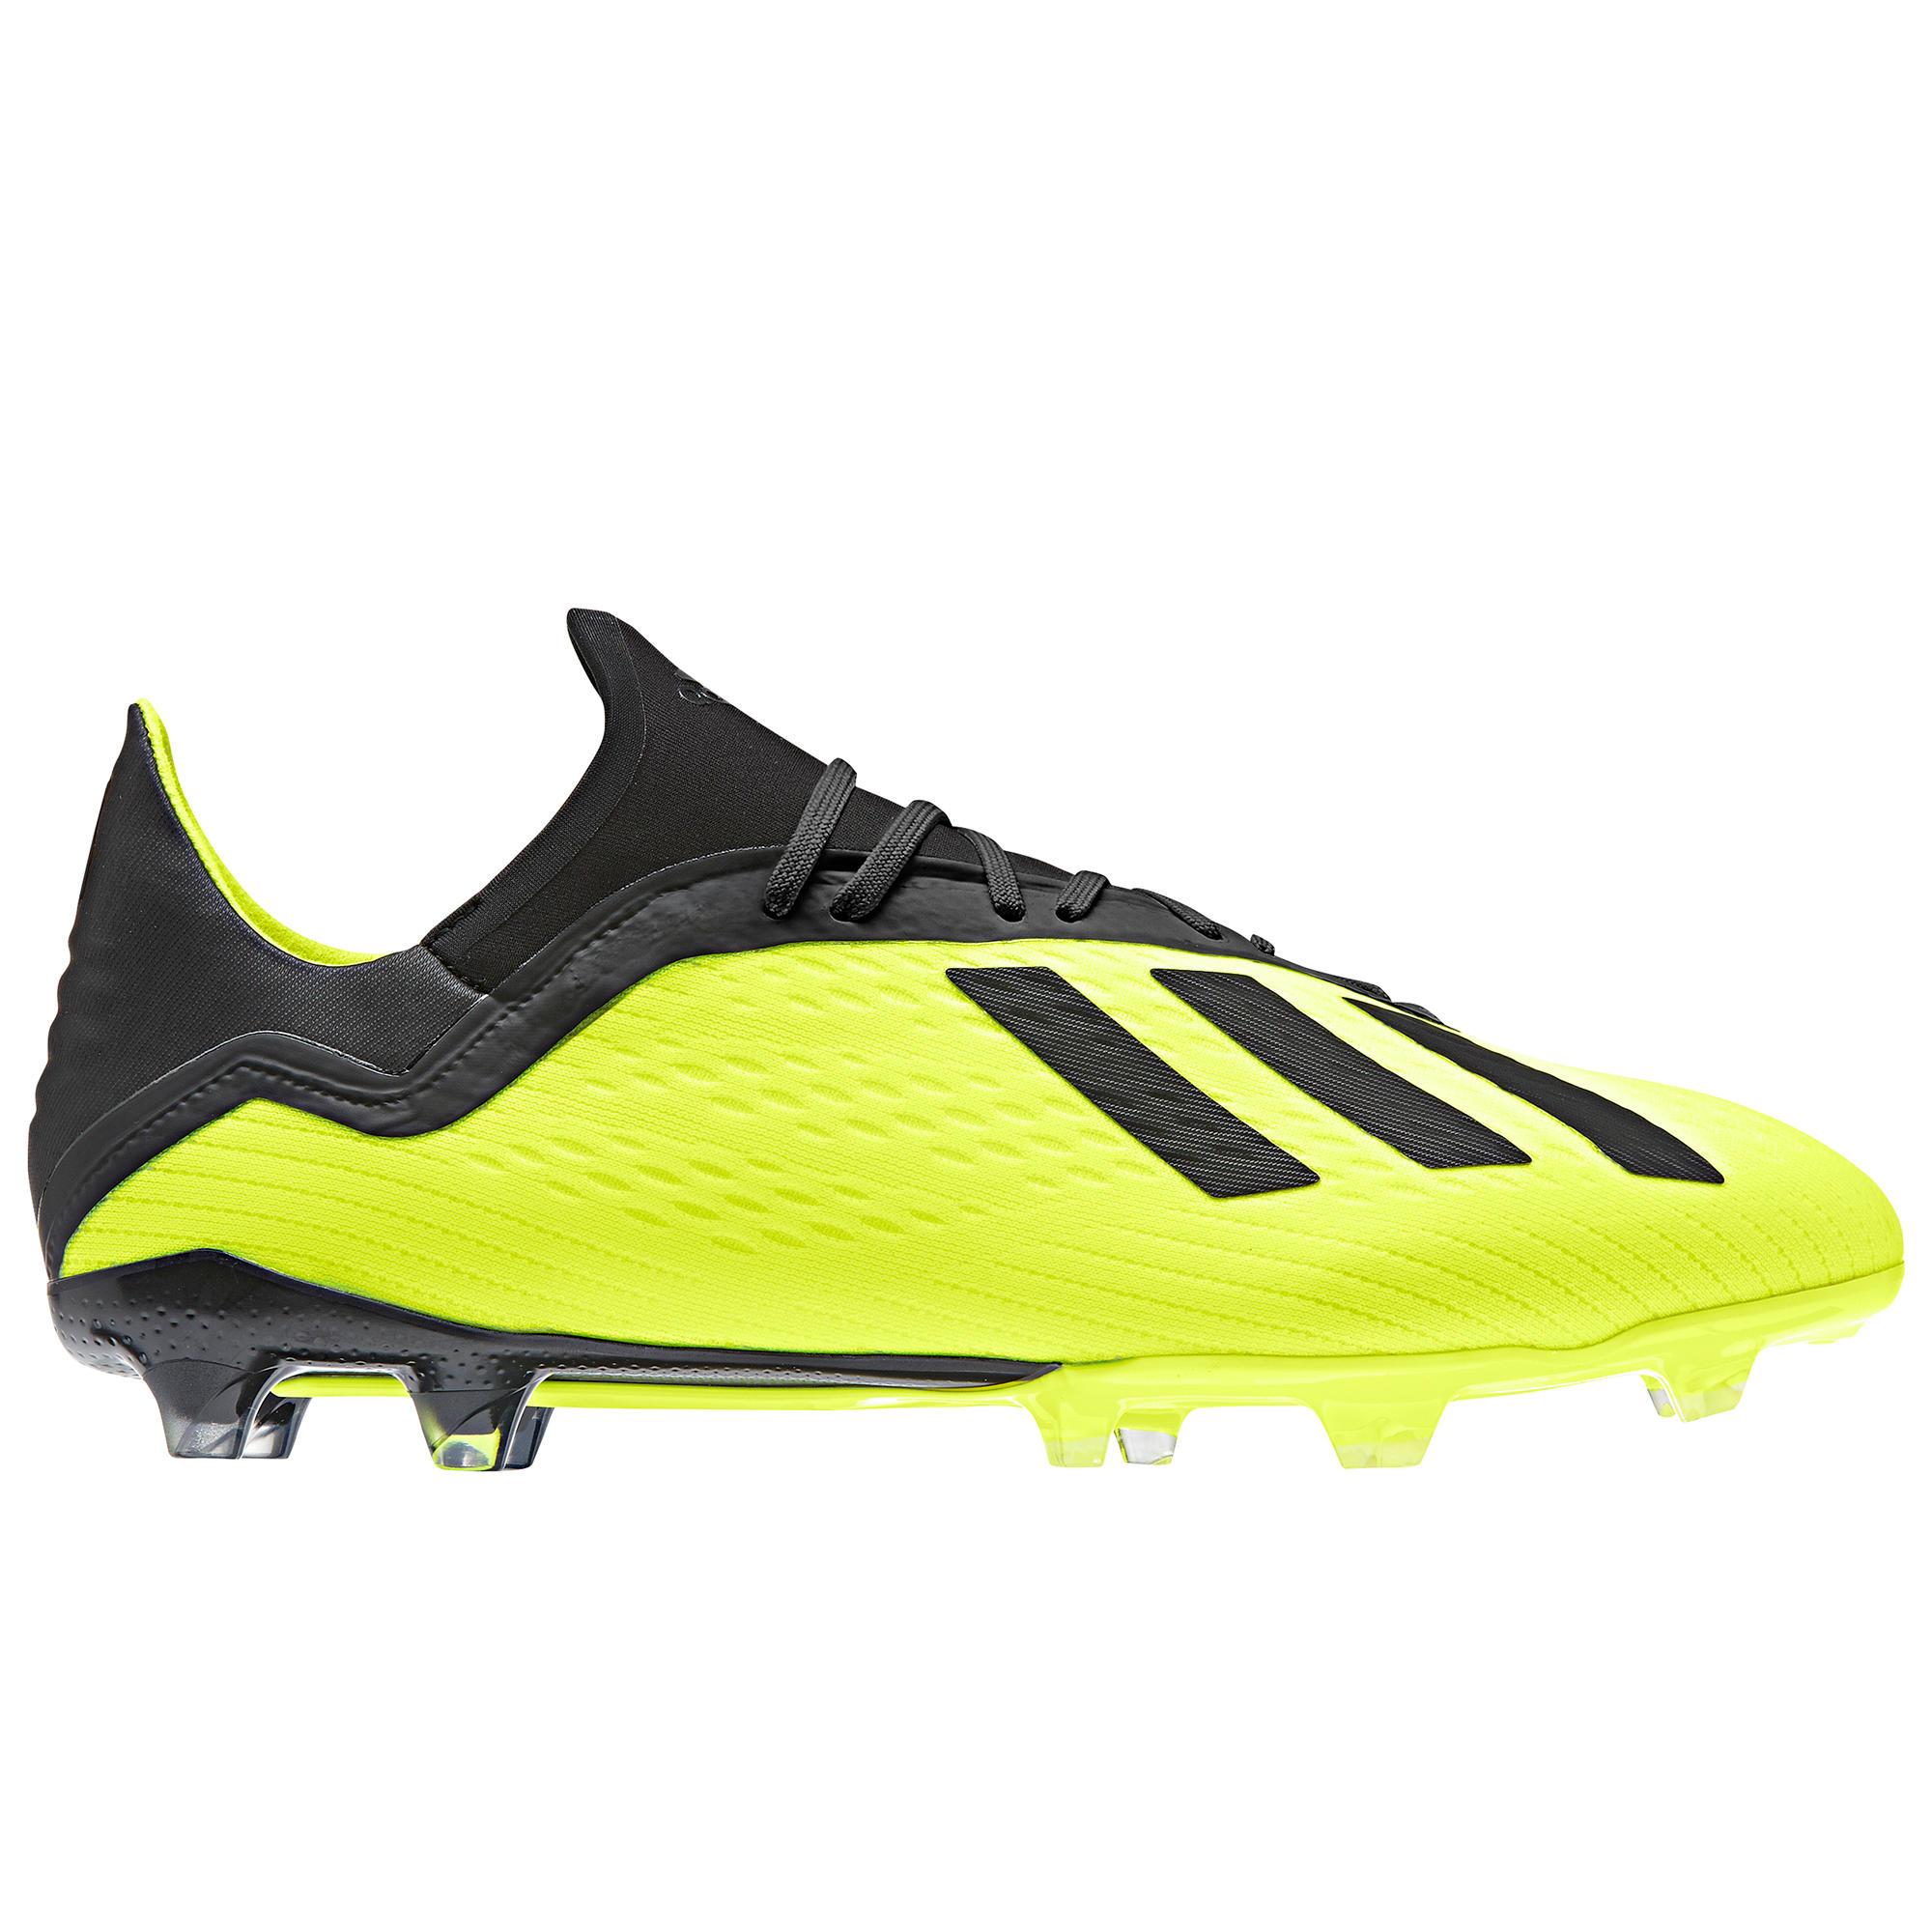 Adidas Voetbalschoenen X 18.2 FG voor volwassenen geel